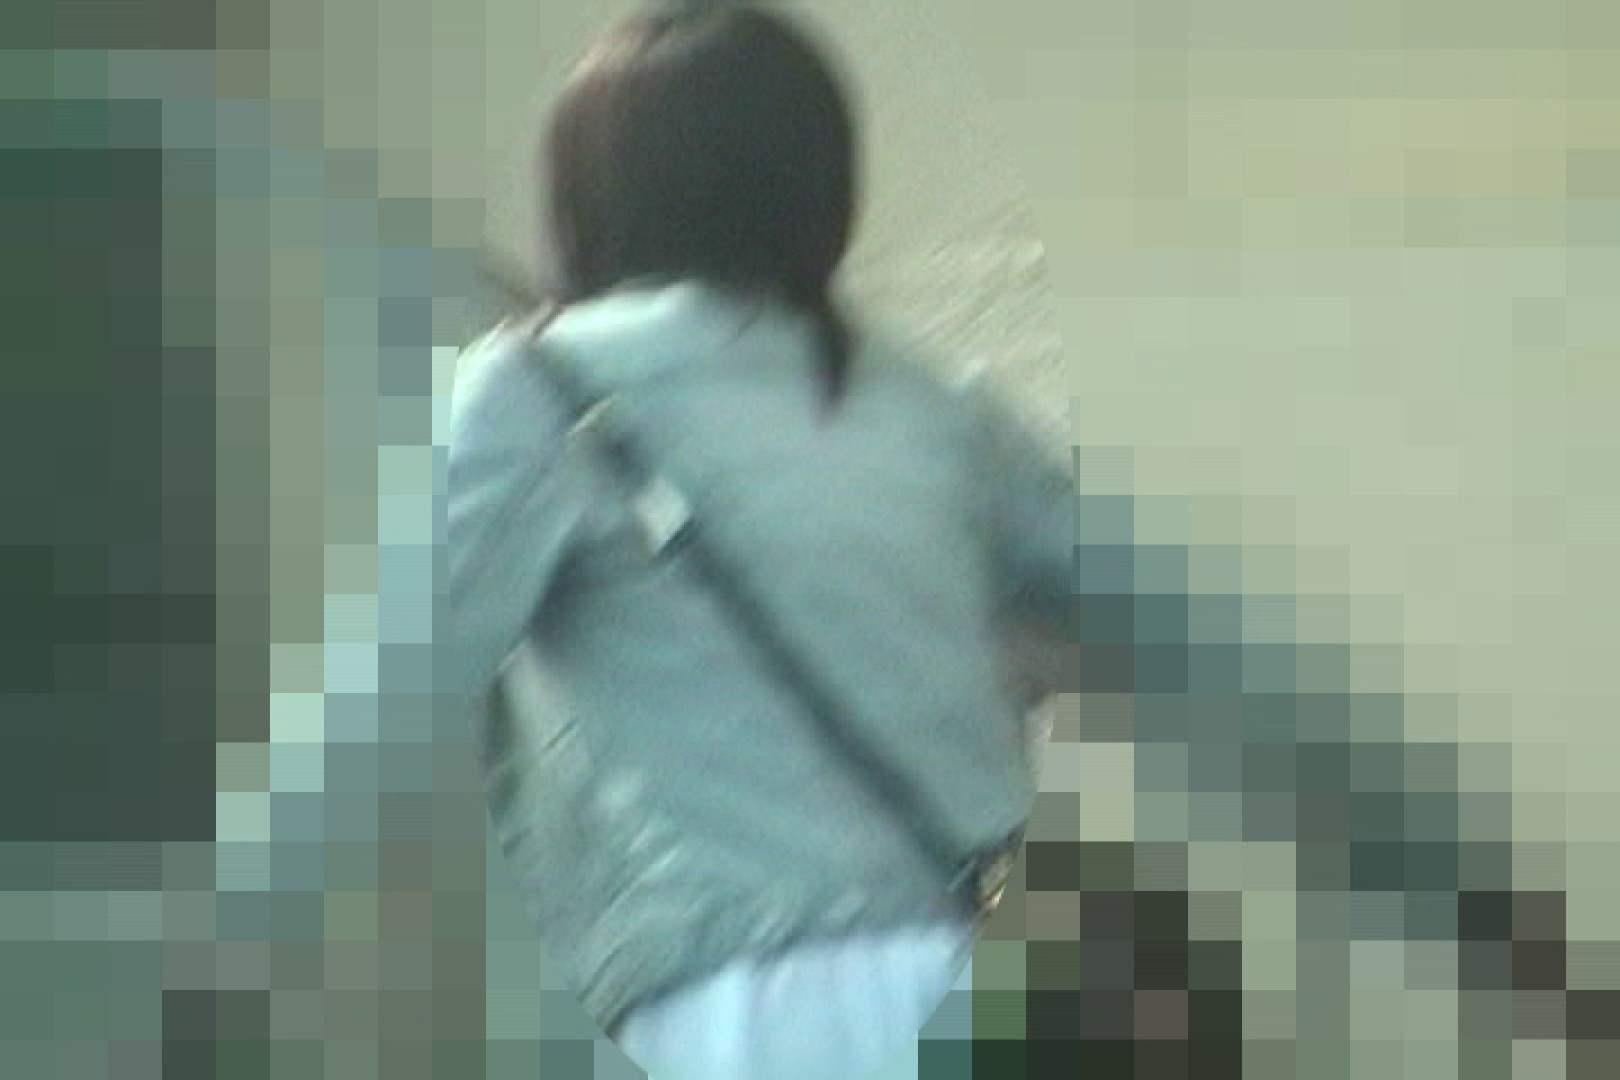 Aquaな露天風呂Vol.58【VIP限定】 露天 盗撮動画紹介 89画像 5